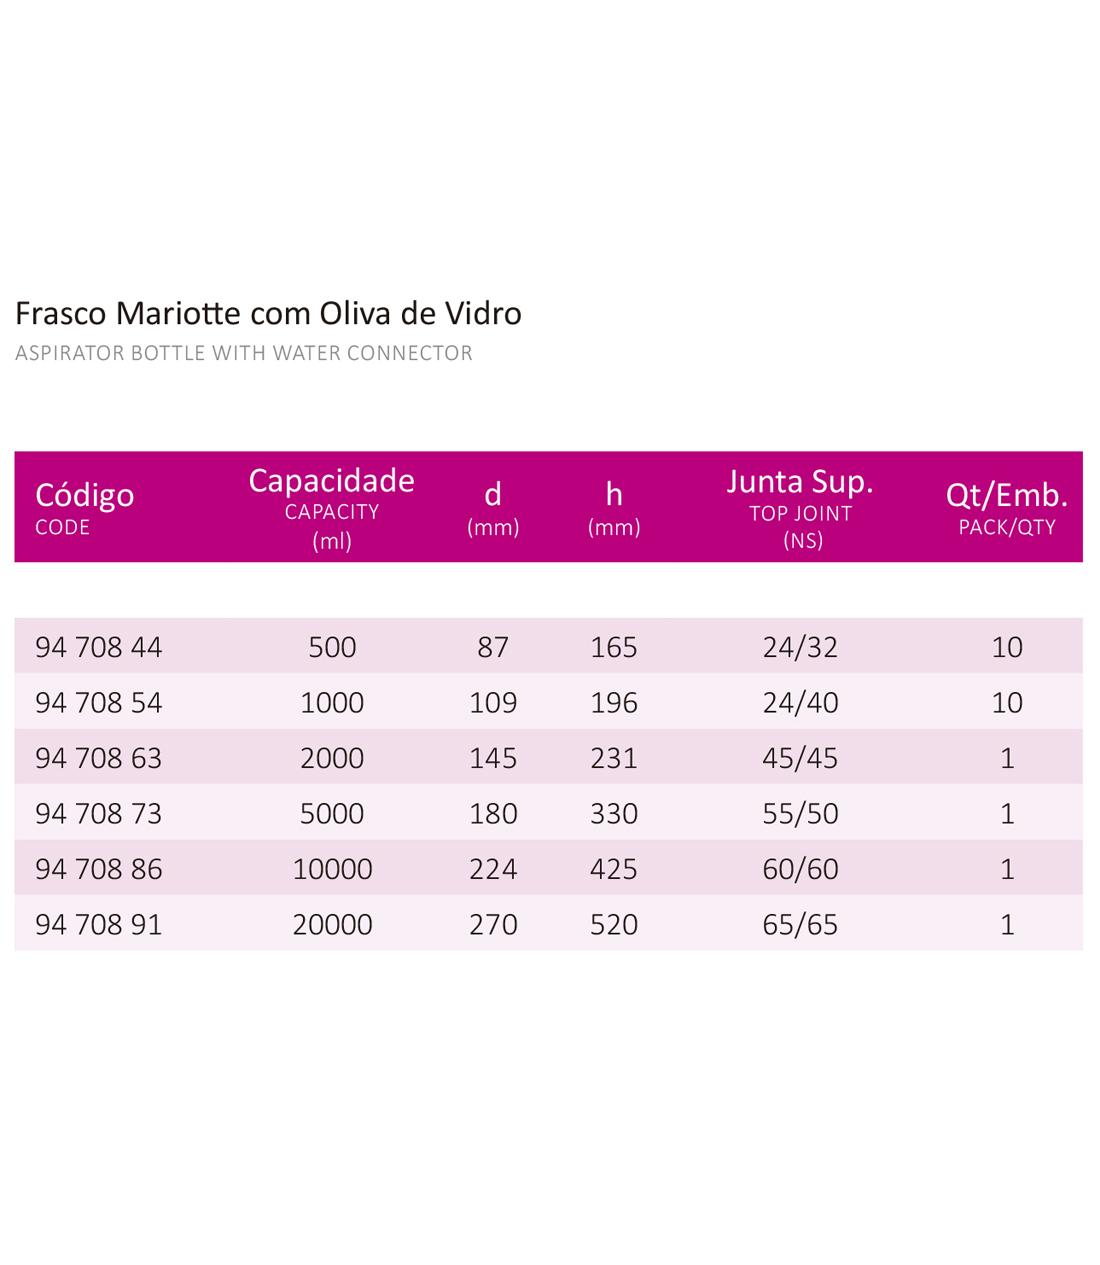 FRASCO MARIOTTE C/ OLIVA DE VIDRO 20000 ML - Laborglas - Cód. 9470891